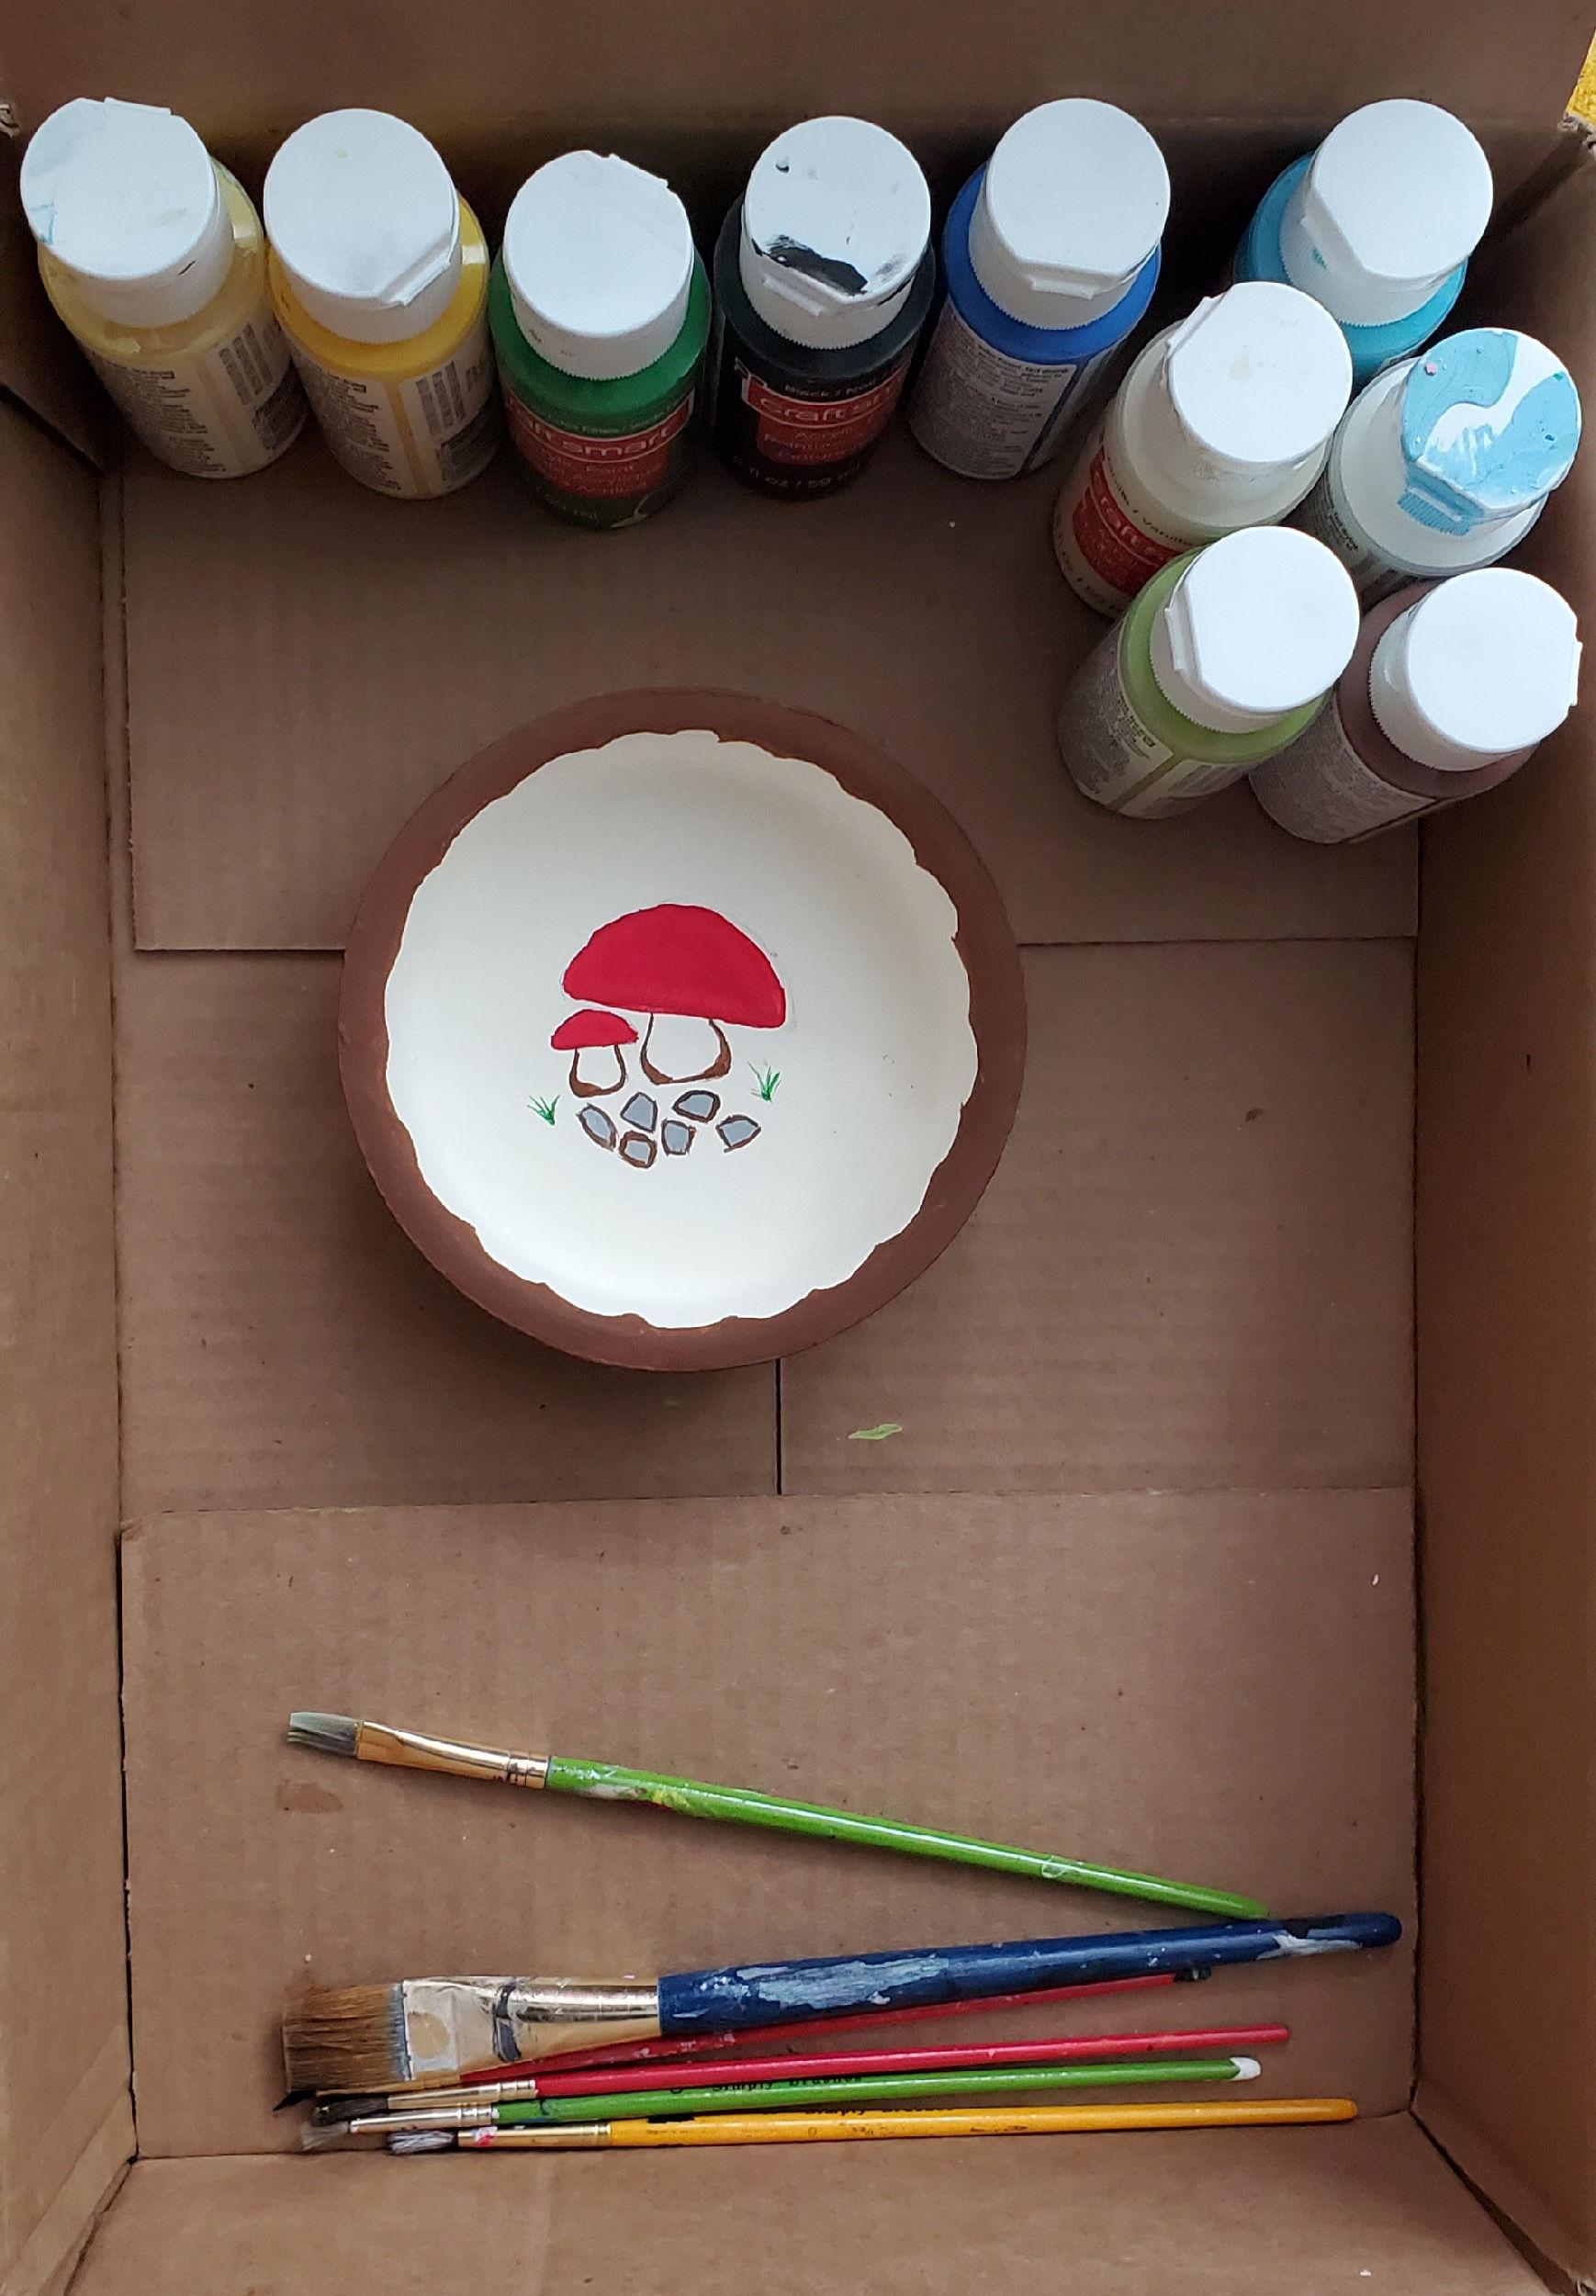 my mushroom bowl